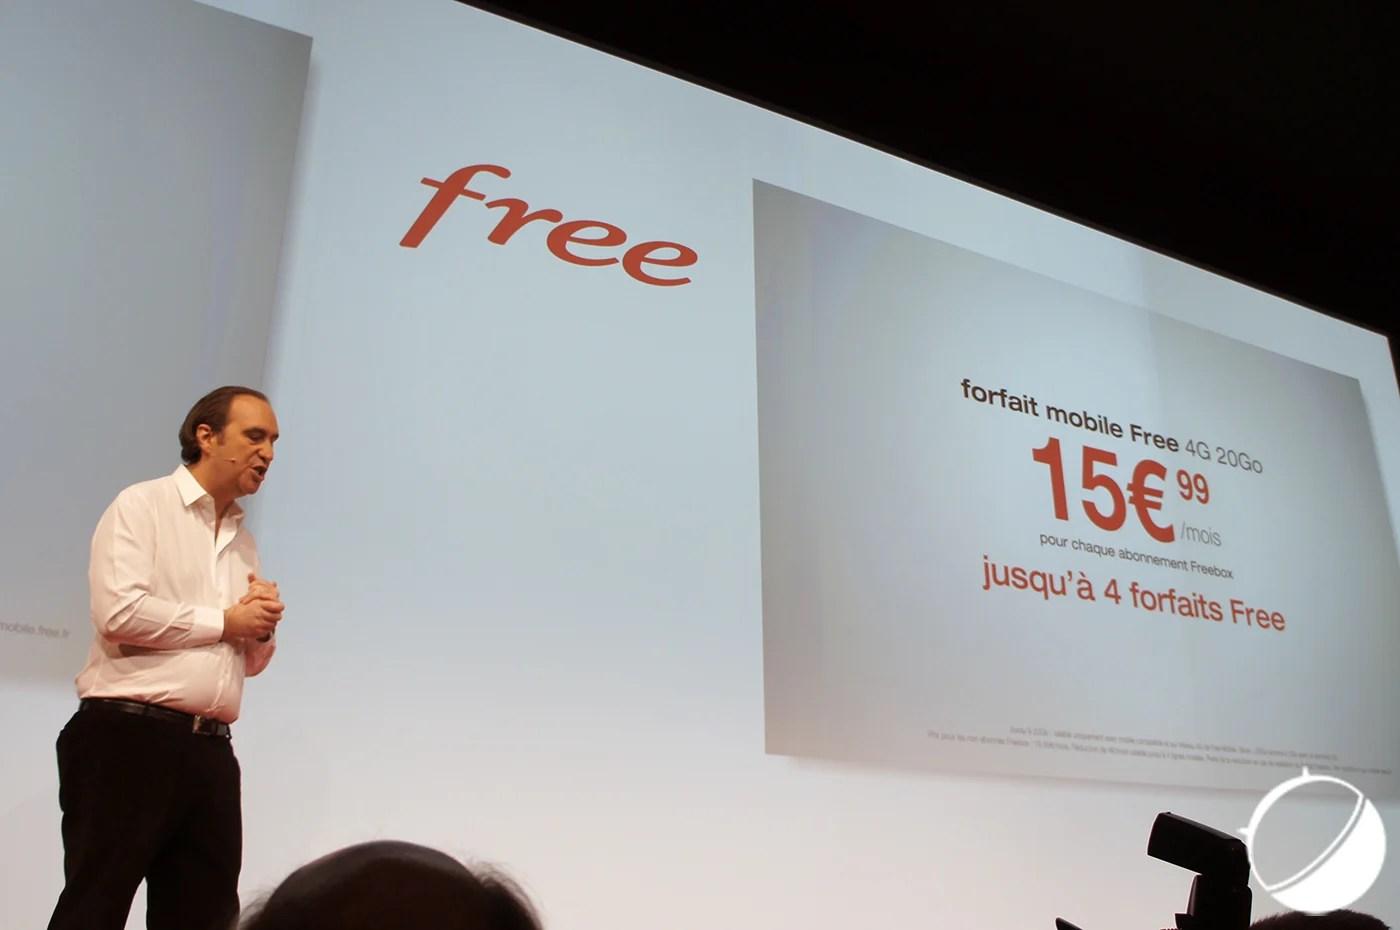 Free repasse devant SFR sur le fixe et gagne 400 000 nouveaux abonnés mobile